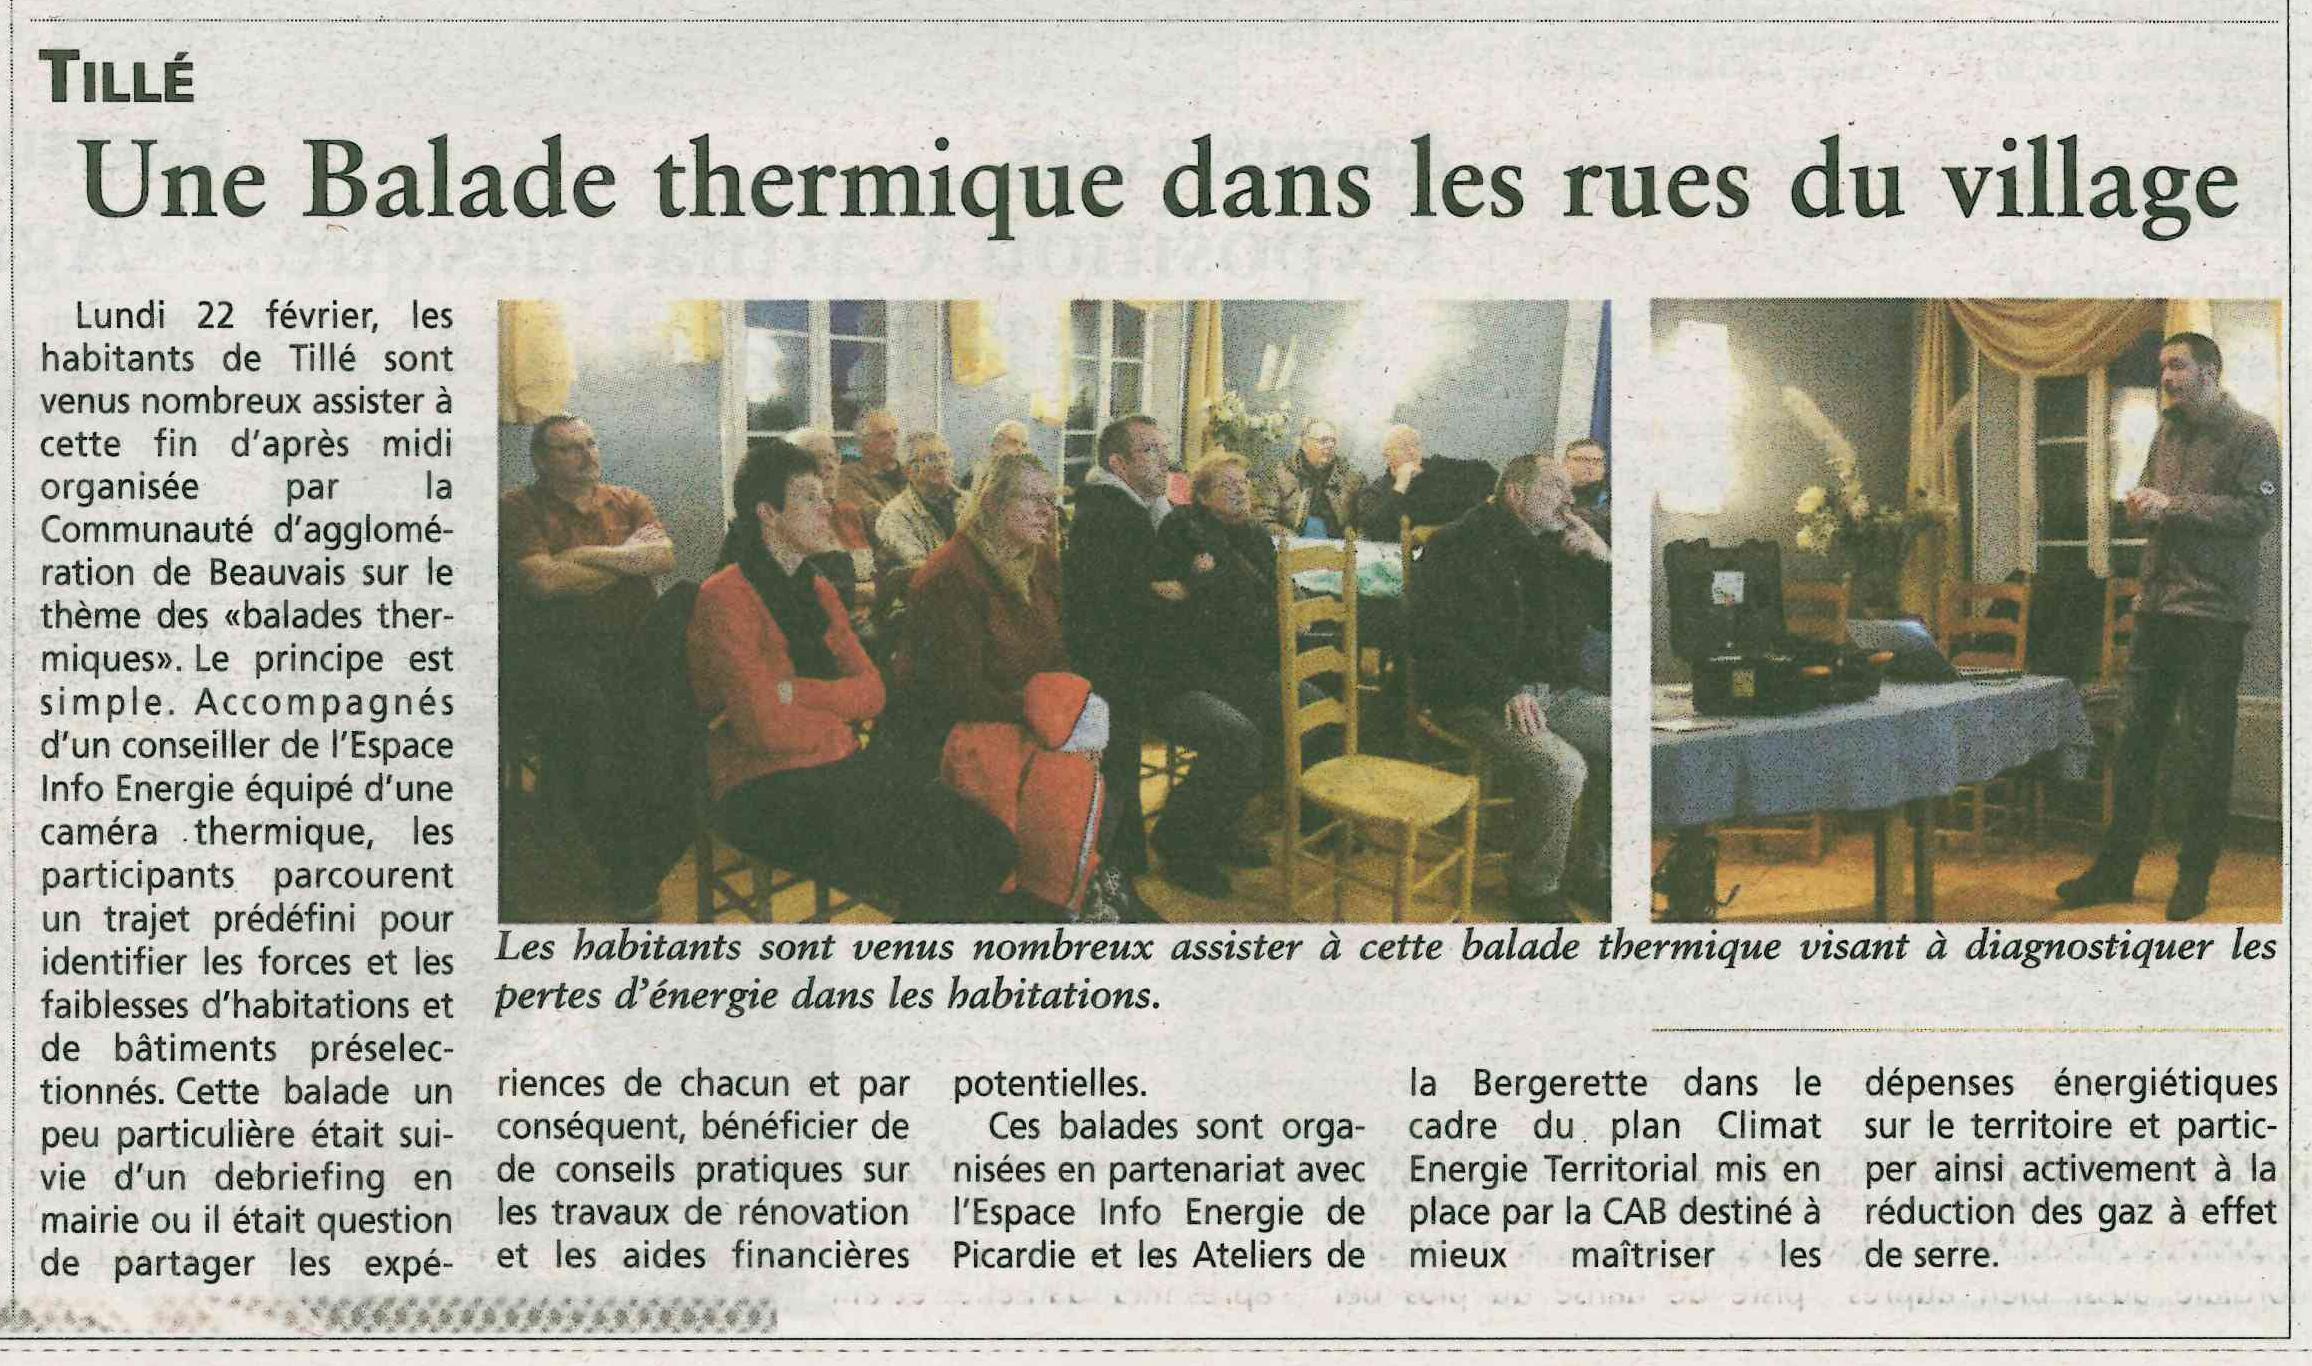 Oise hebdo - Balade thermo tillé - sélec